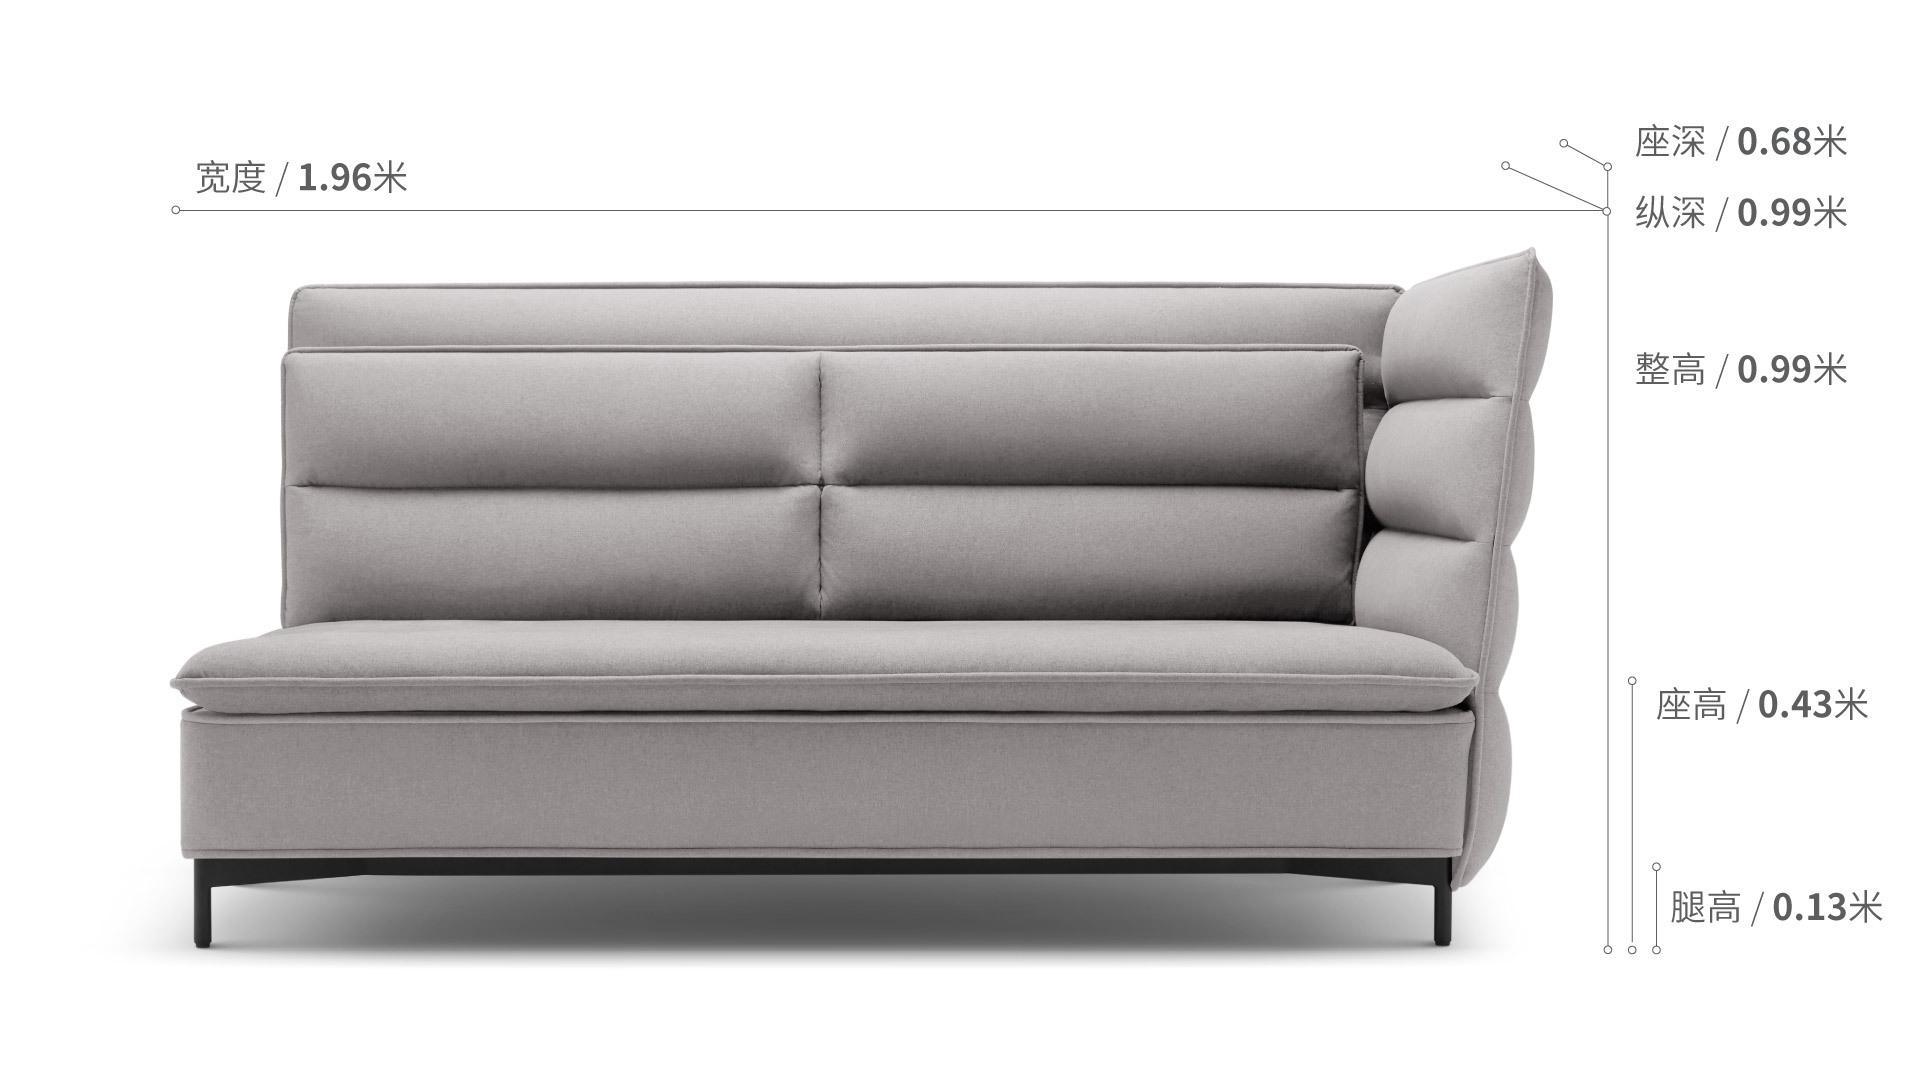 半月湾沙发高背双人座单扶手沙发效果图